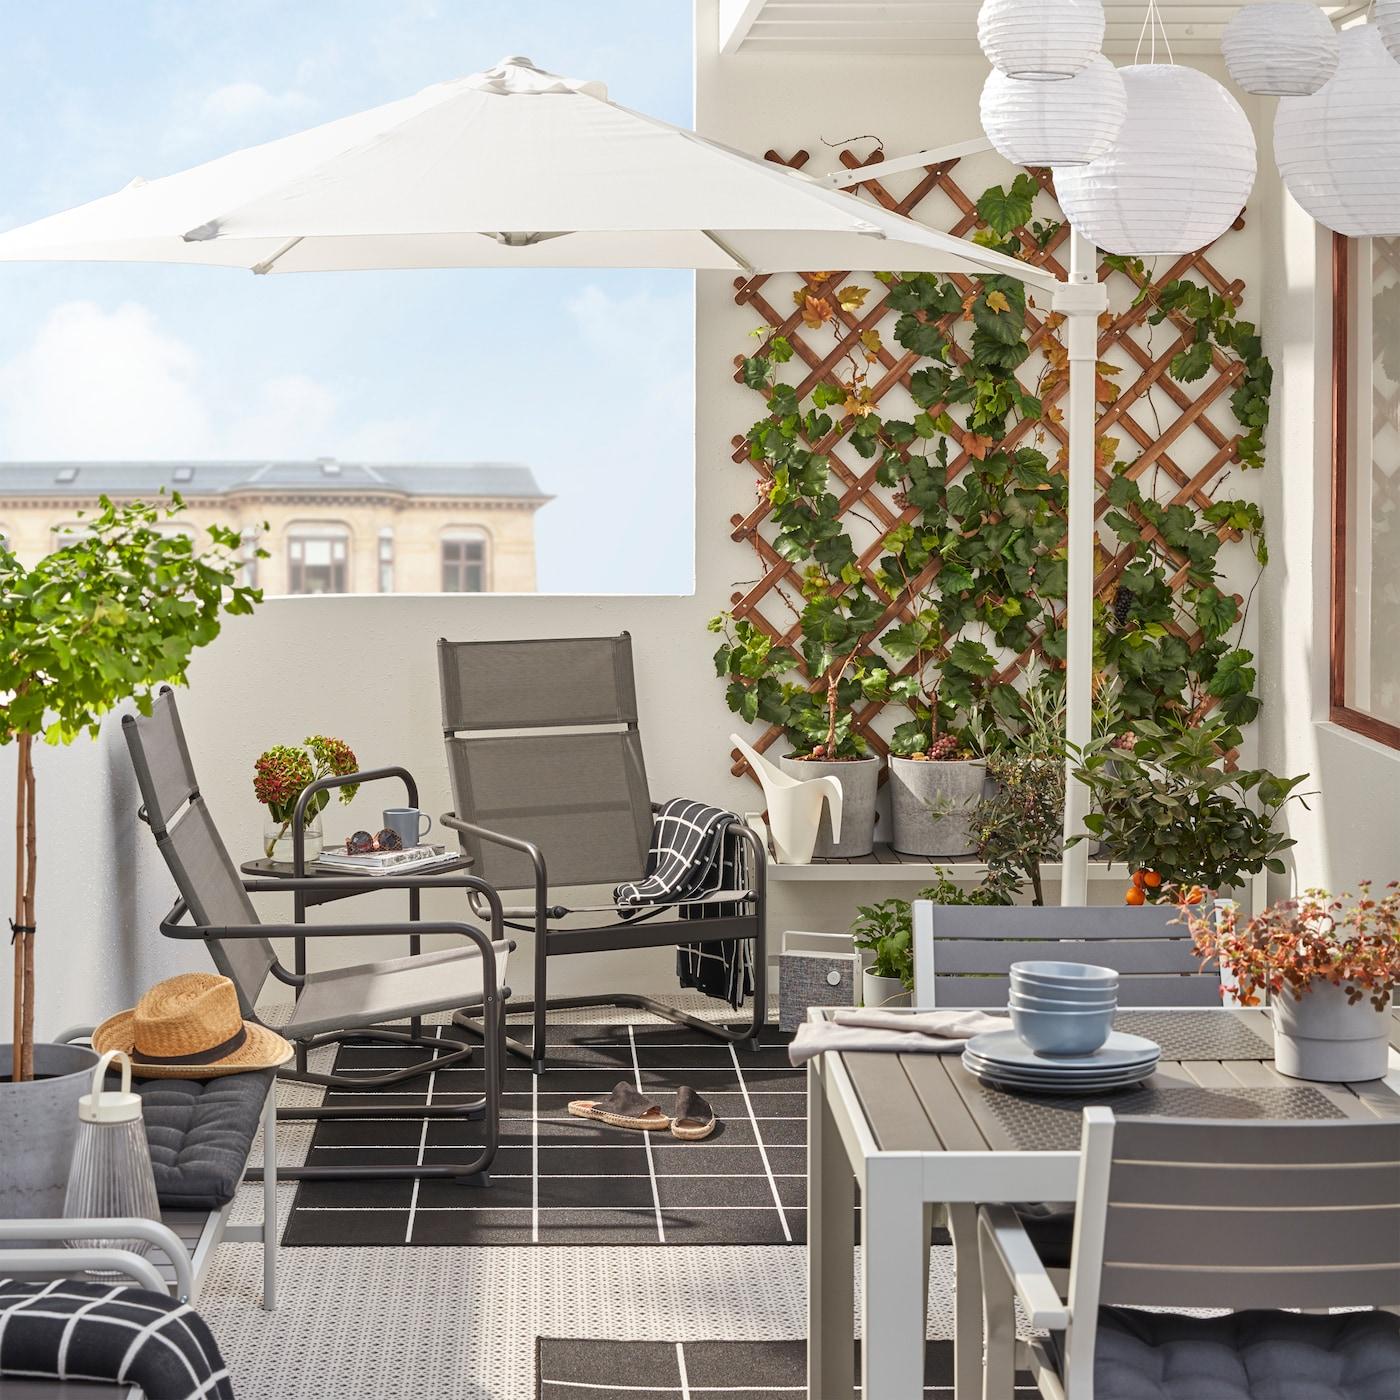 En balkong med HUSARÖ lenestoler og bord, en hvit parasoll, et spisebord og stoler i grått og tepper i svart-hvitt.